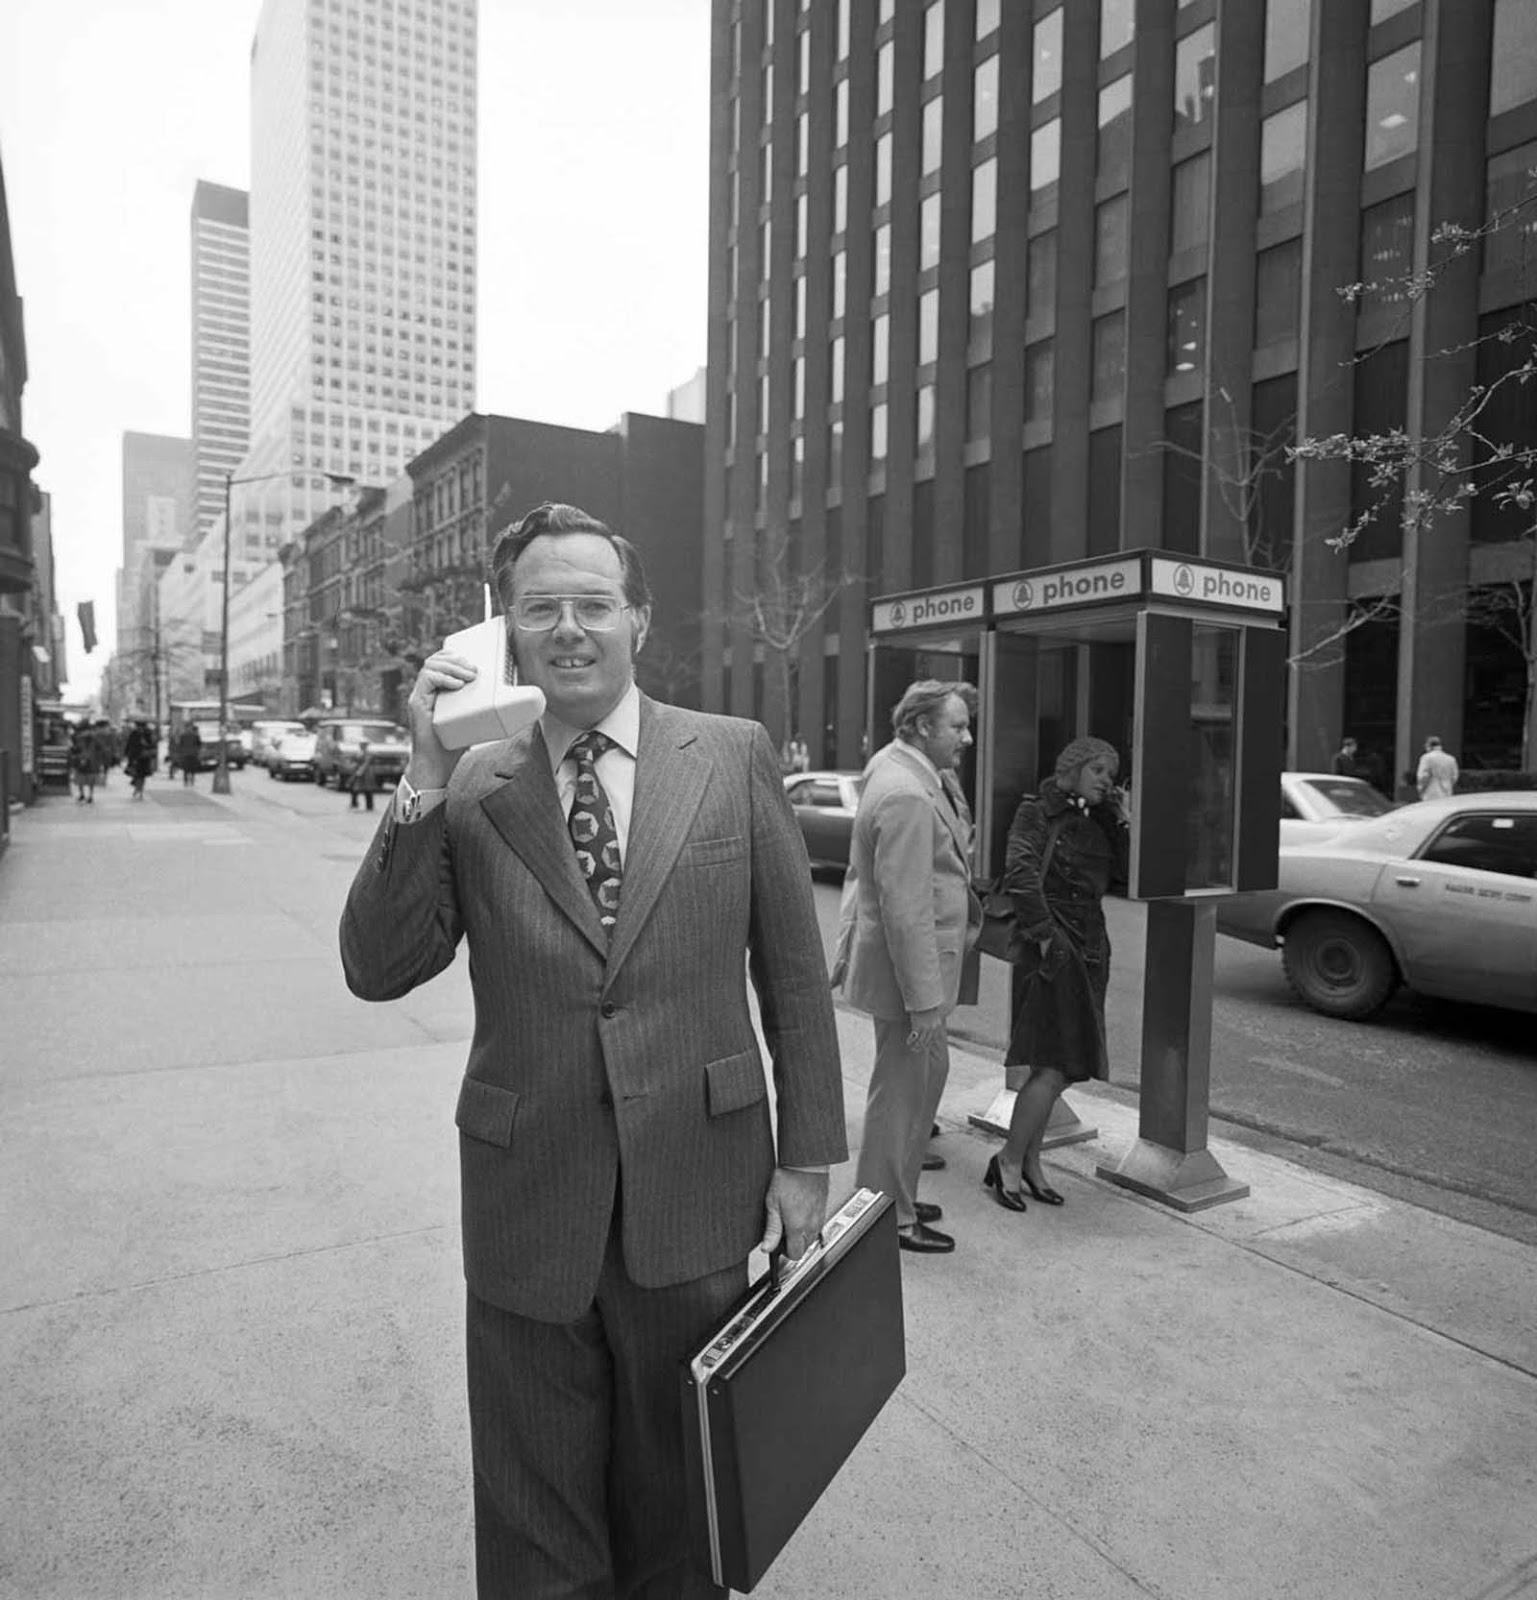 John Mitchell com seu telefone nas ruas de Nova York. Ele ajudou a desenvolver o design do primeiro celular. 1973.